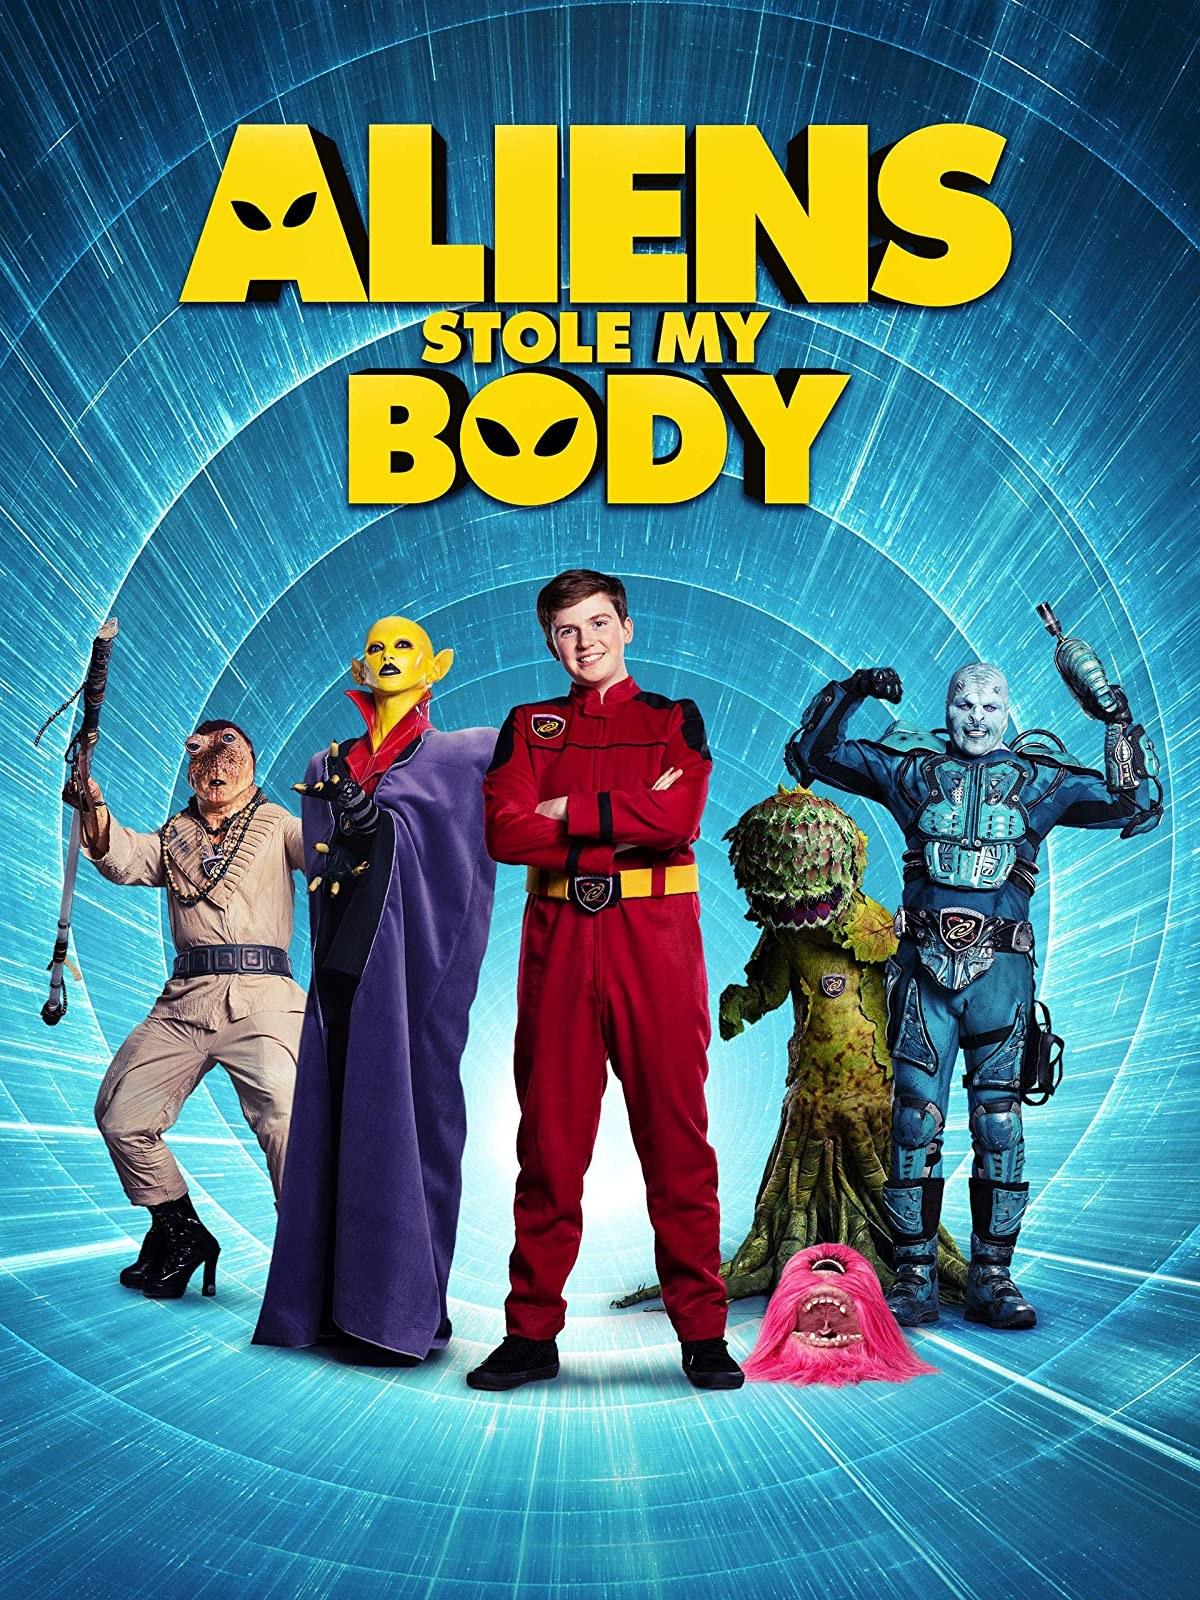 Aliens Stole My Body.jpg